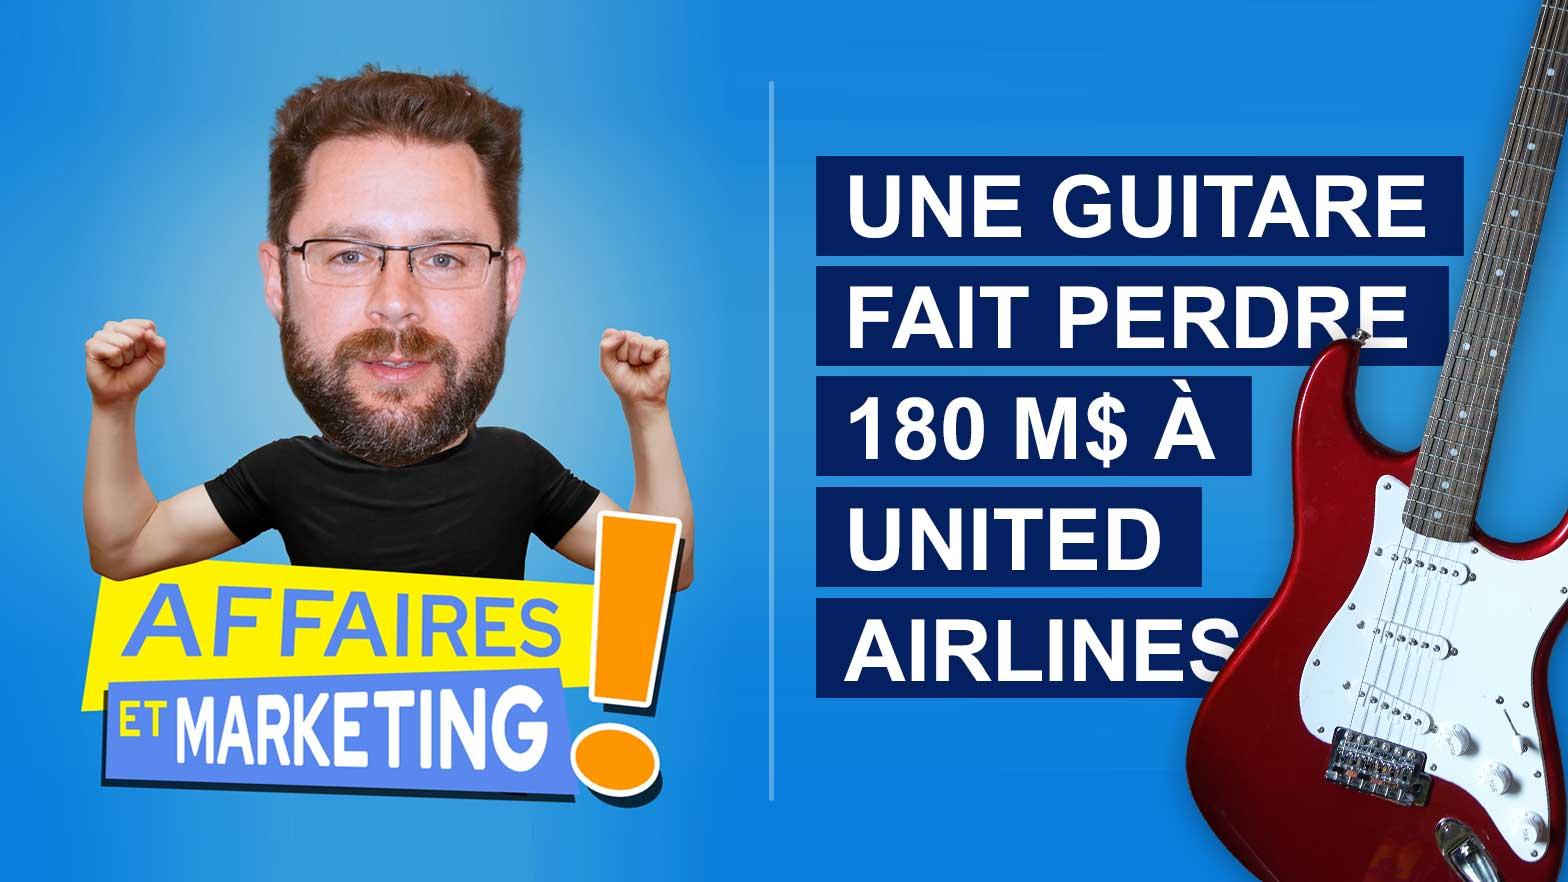 Une guitare fait perdre 180 M$ à United Airlines